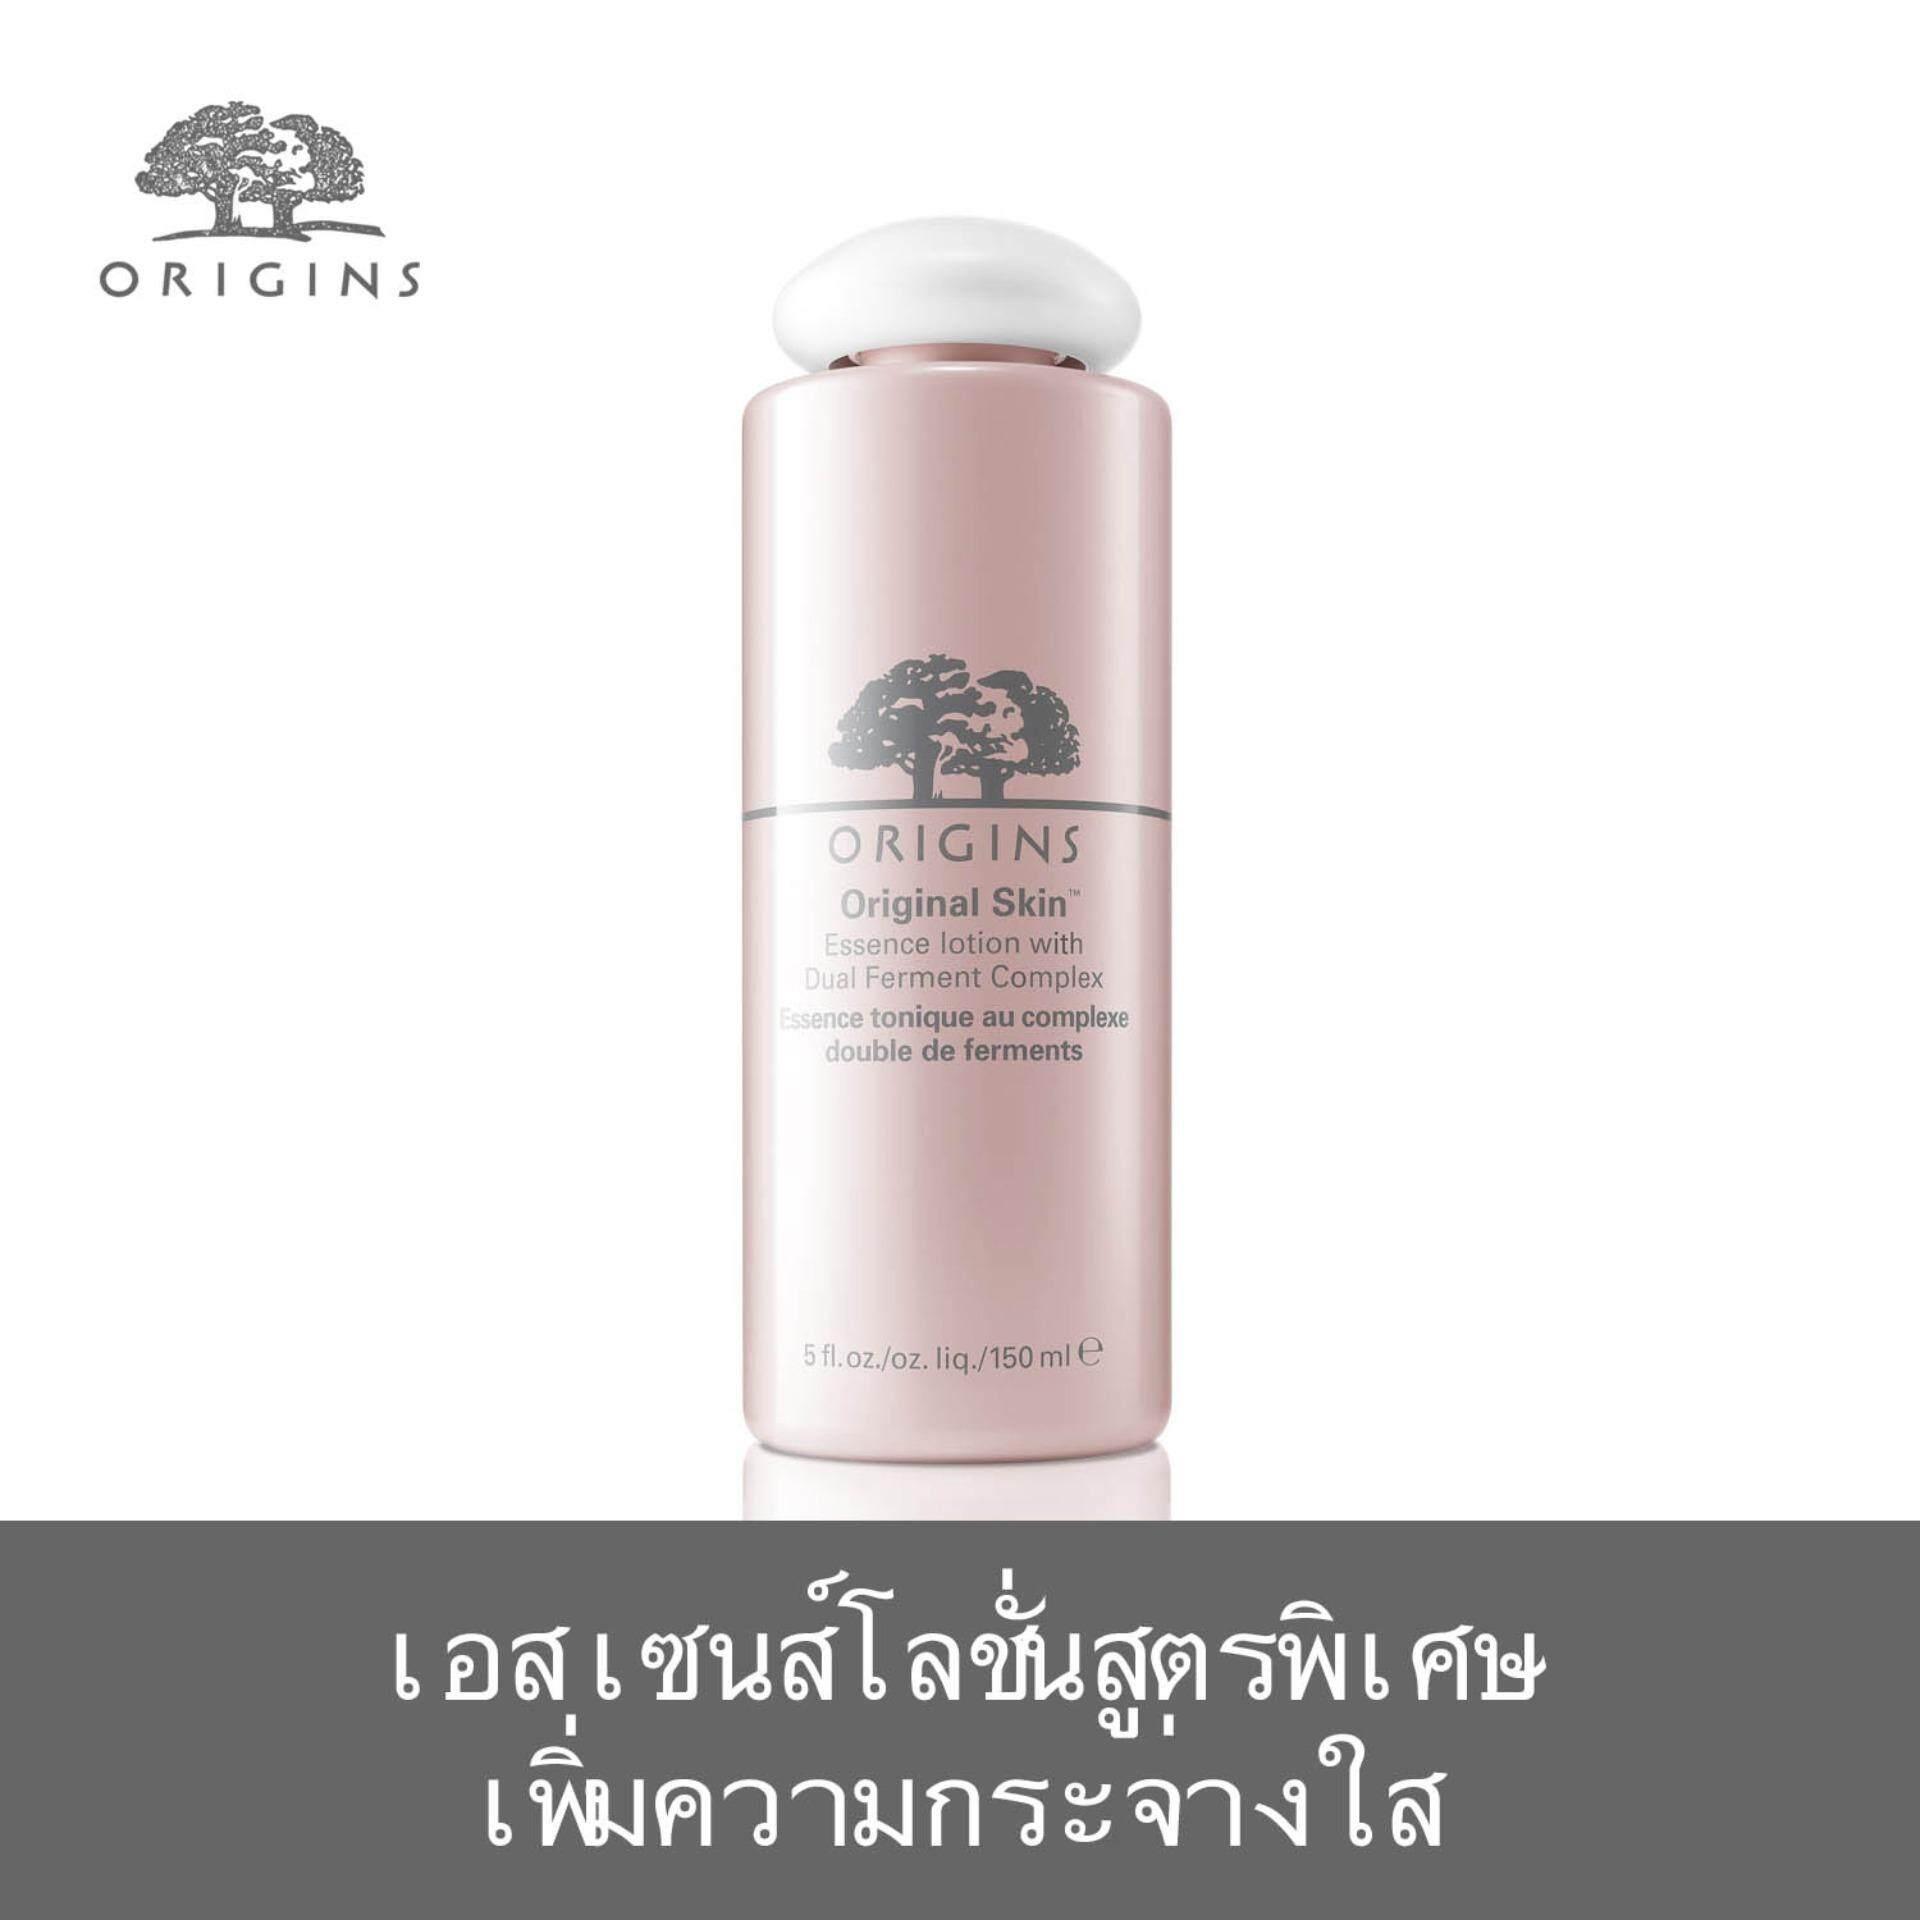 โปรโมชั่น Origins Original Skin™ Essence Lotion With Dual Ferment Complex 5 Fl Oz 150 Ml ใน สมุทรปราการ